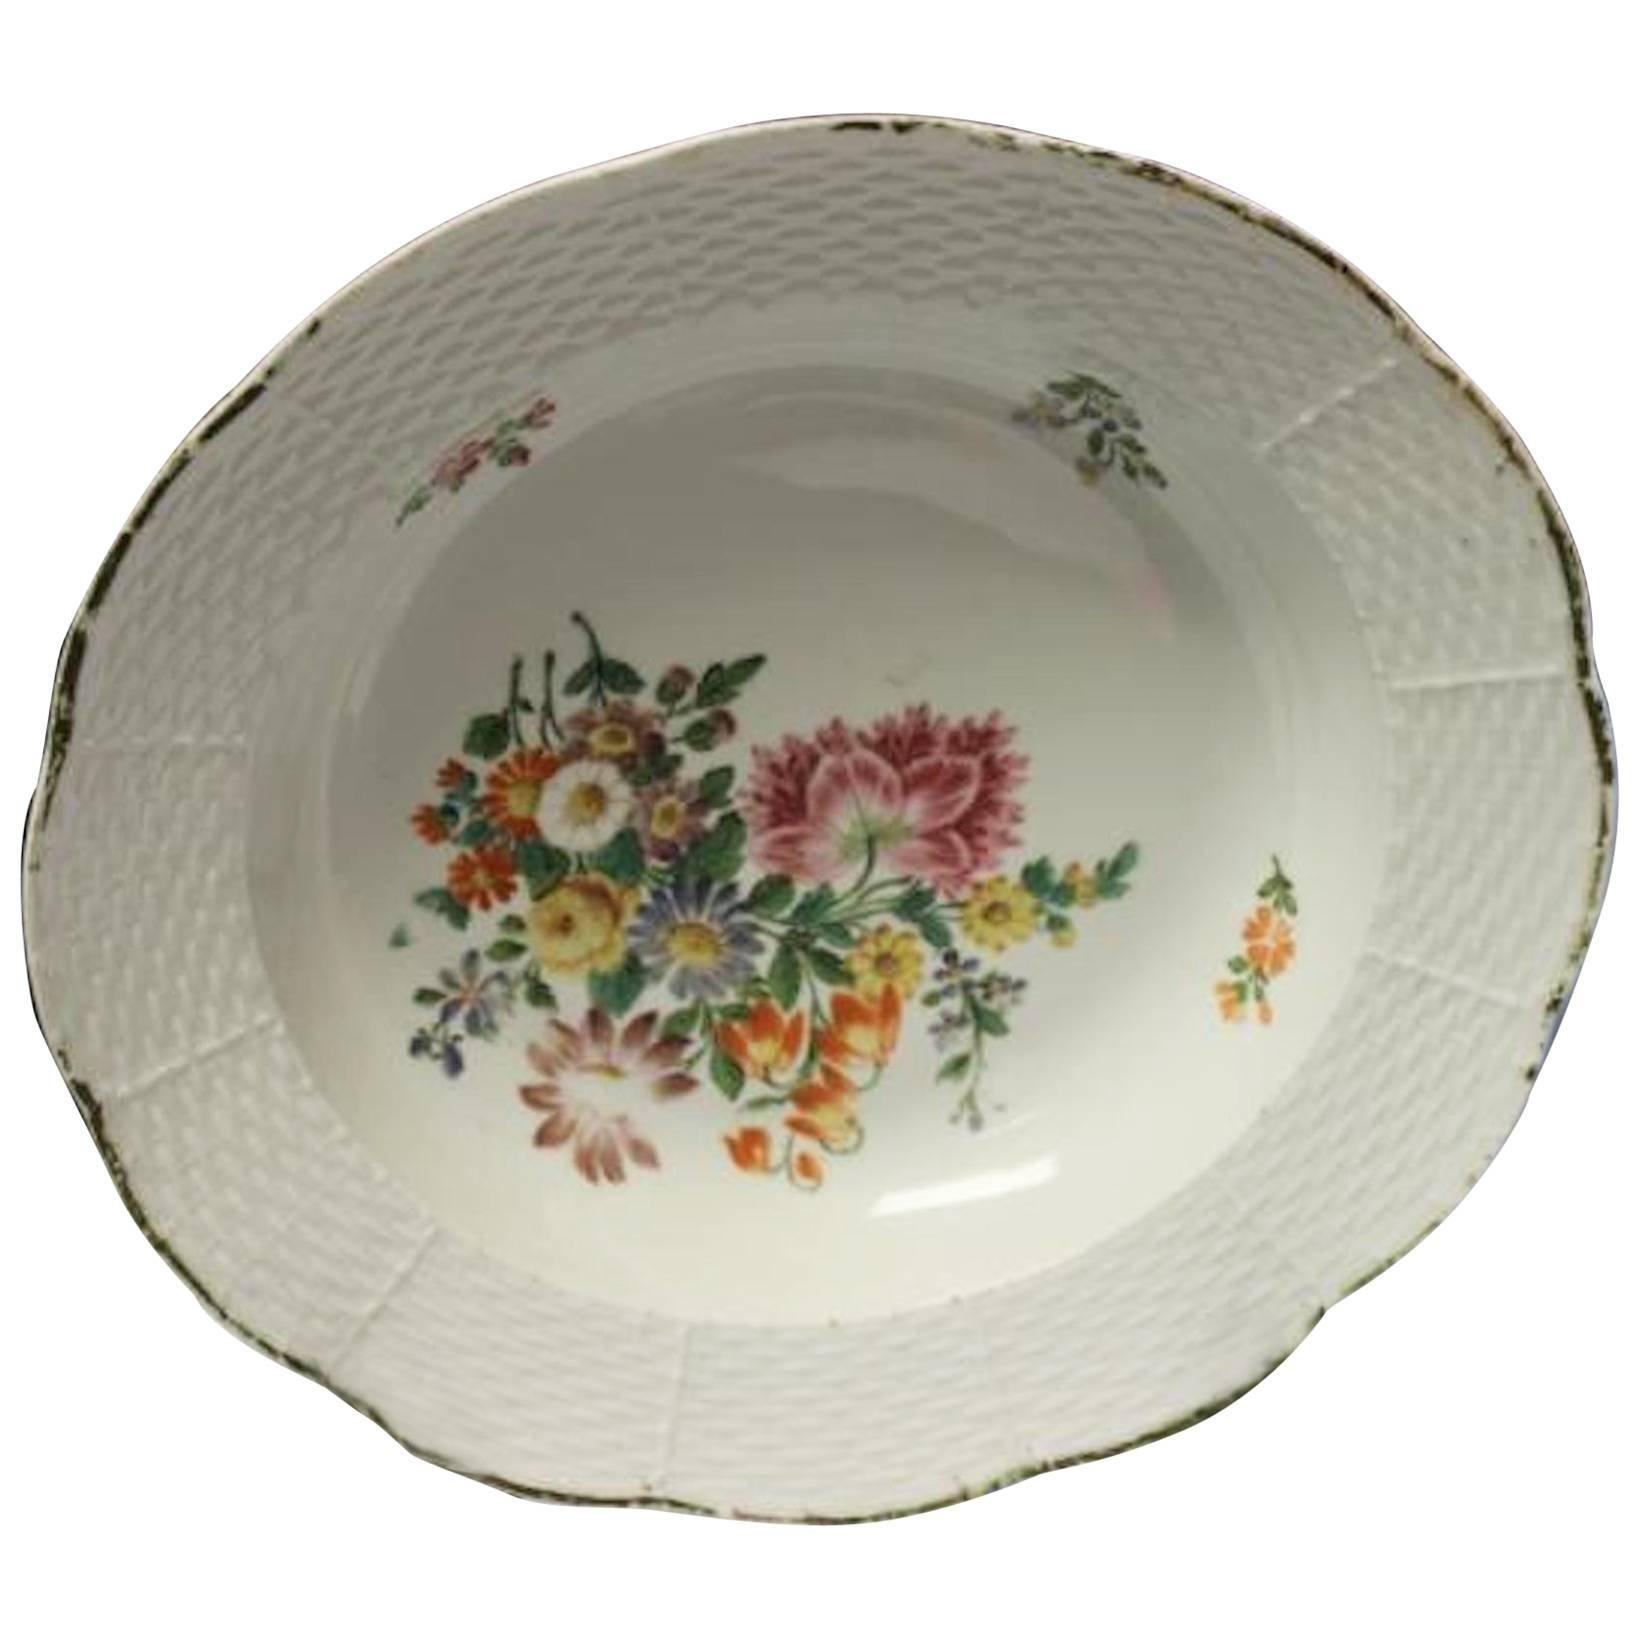 19th Century Meissen Porcelain Soup Bowl